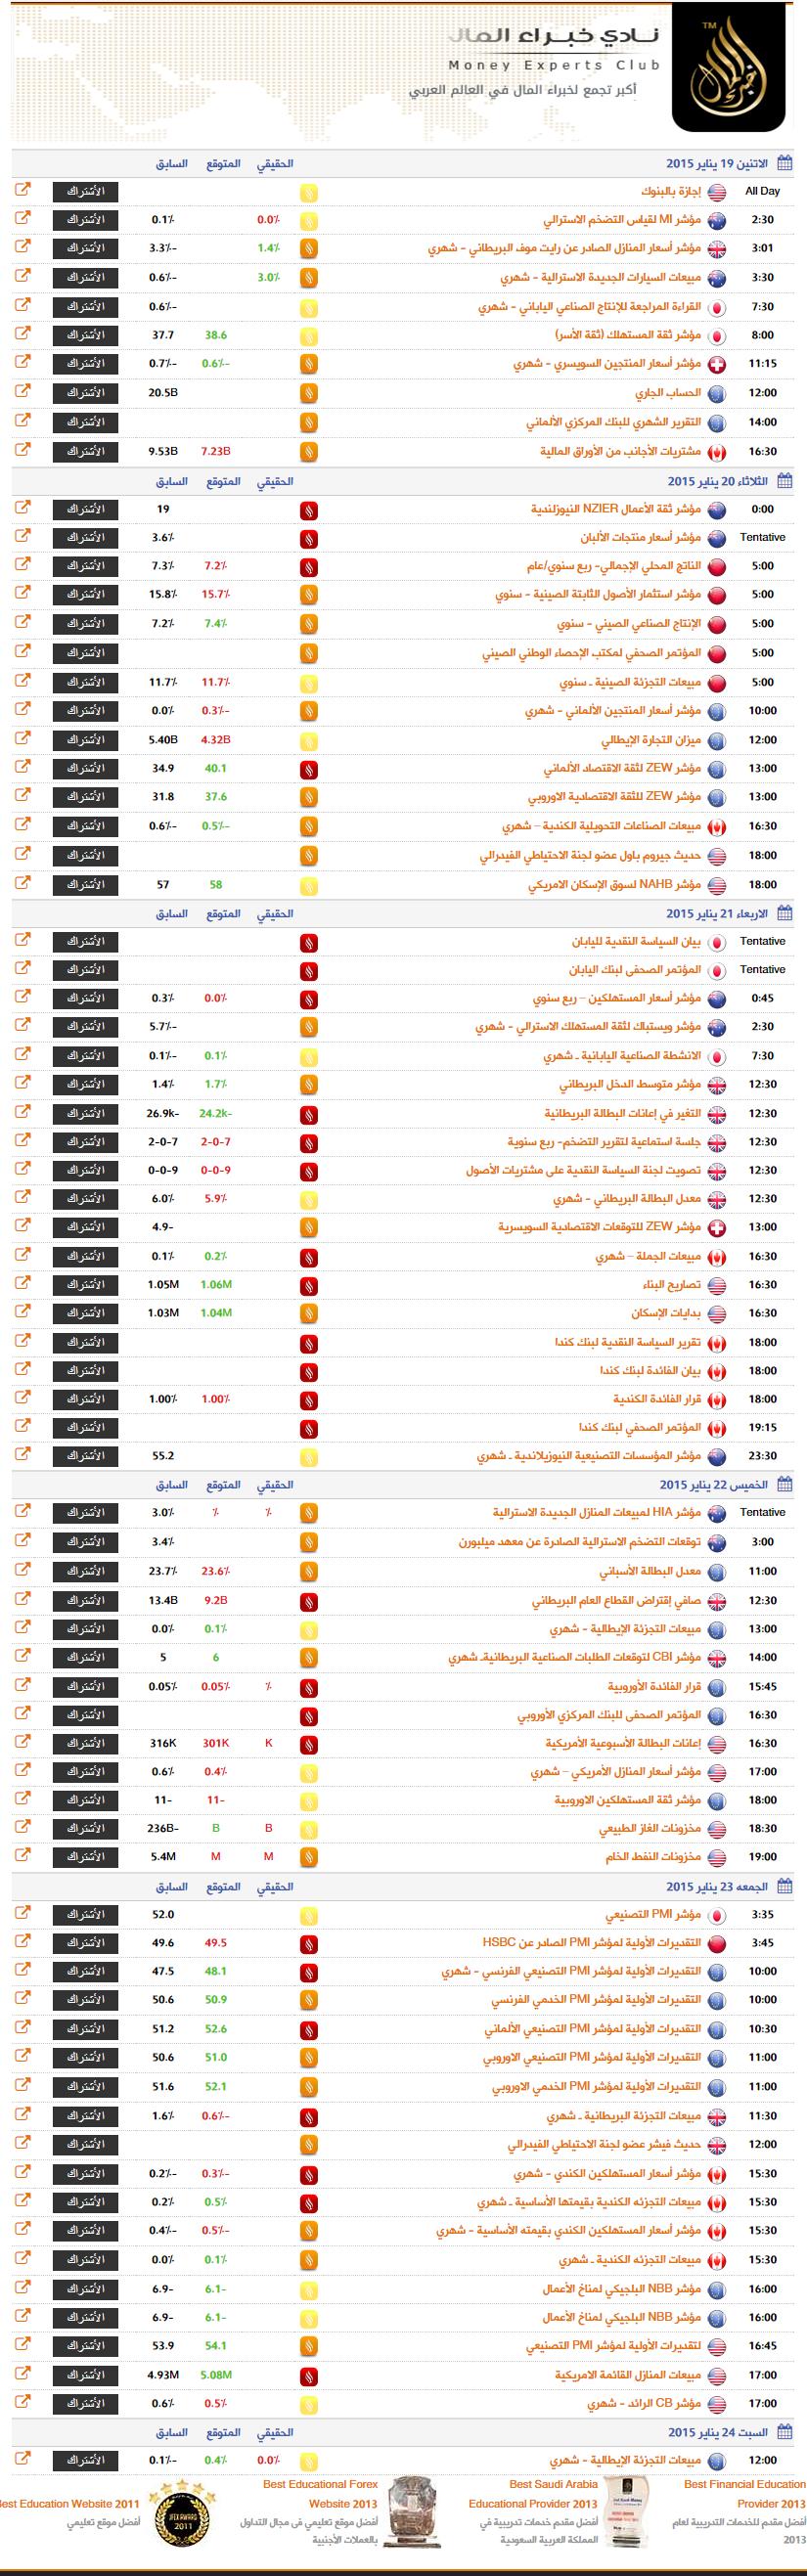 جدول الأخبار الأسبوعى خلال الفترة من الأثنين 19 يناير 2015 حتى الجمعة 23 يناير 2015 نادي خبراء المال